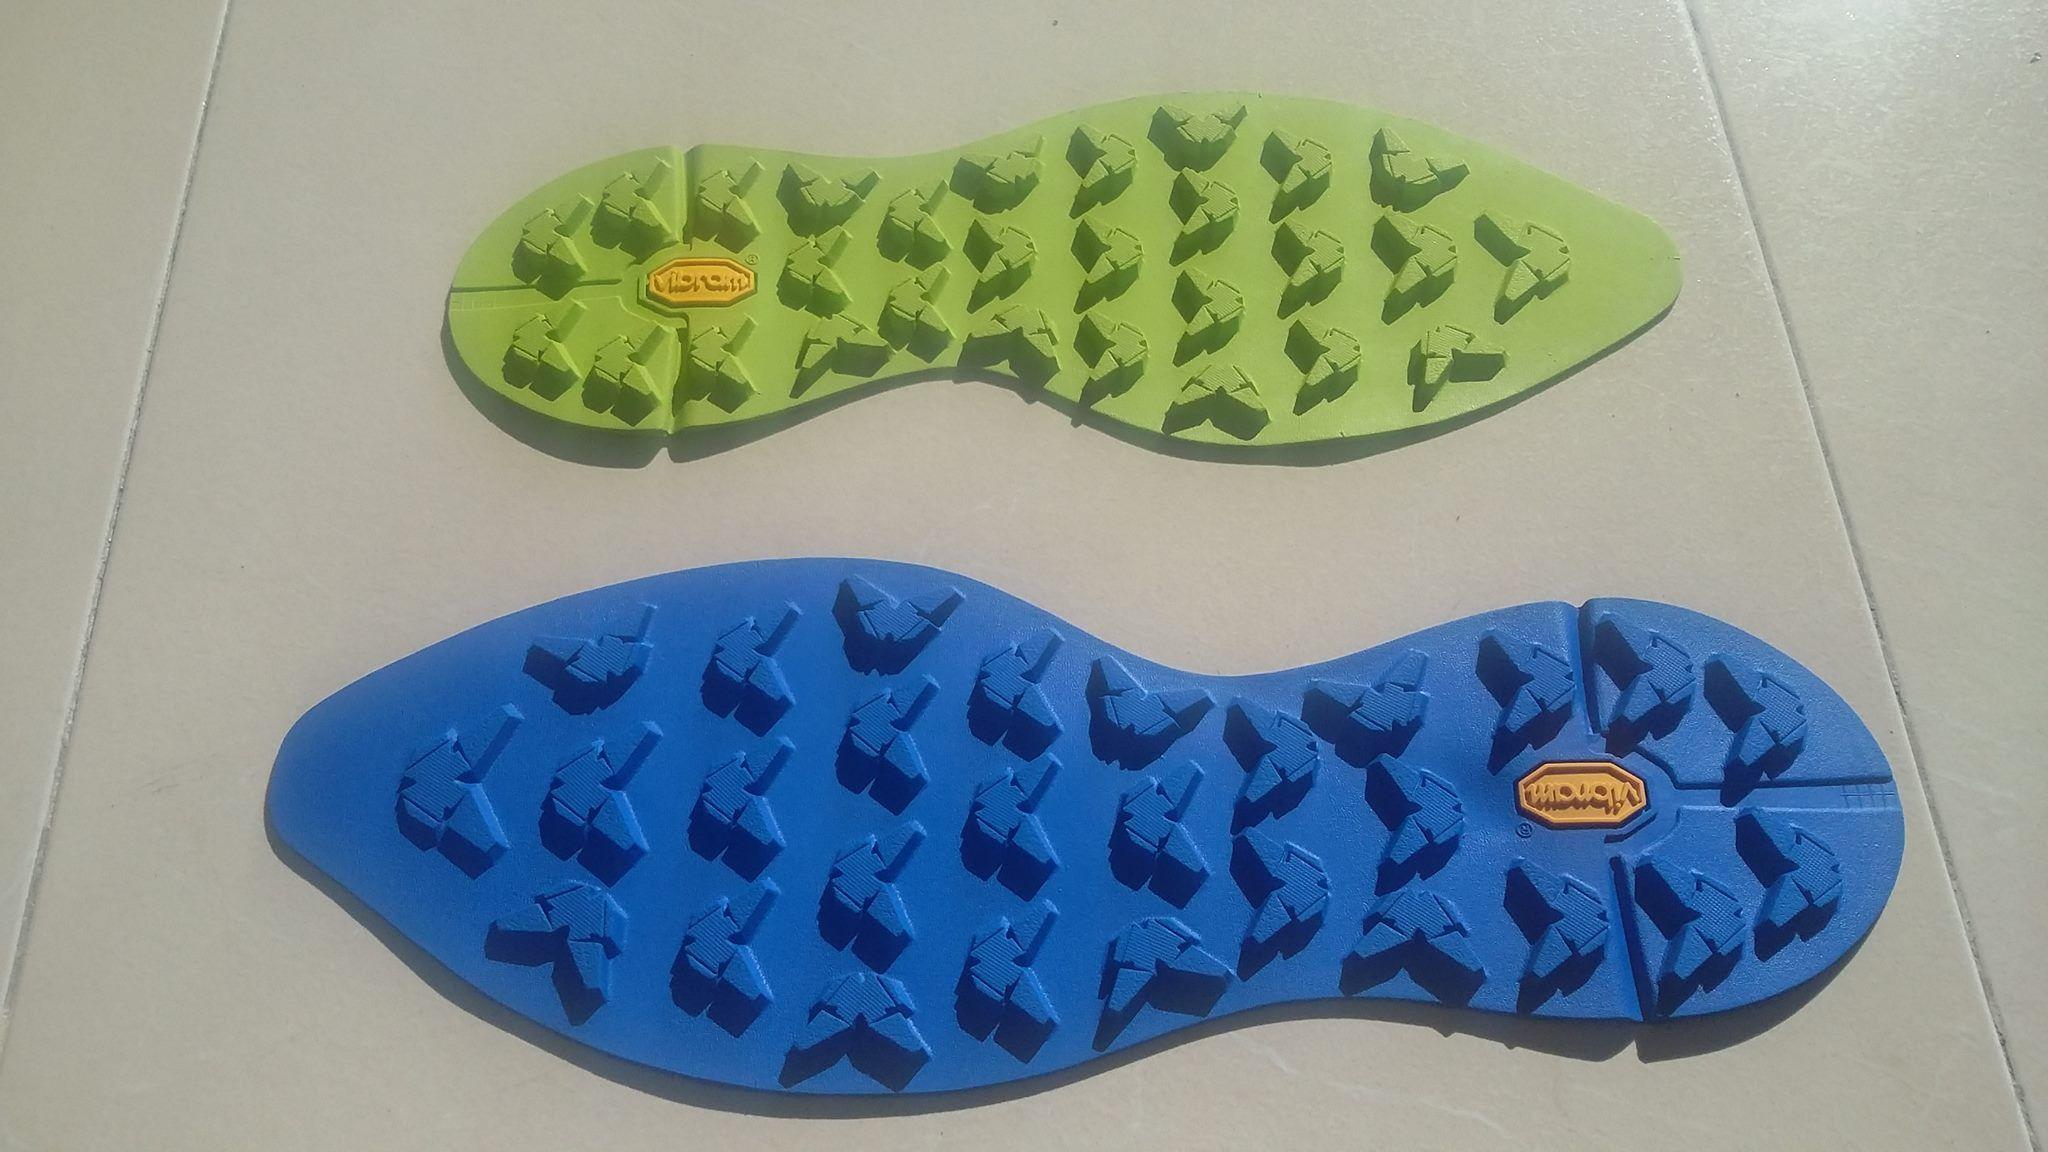 Reparación y suelas de zapatillas trail: Catálogo de Roig Vidal